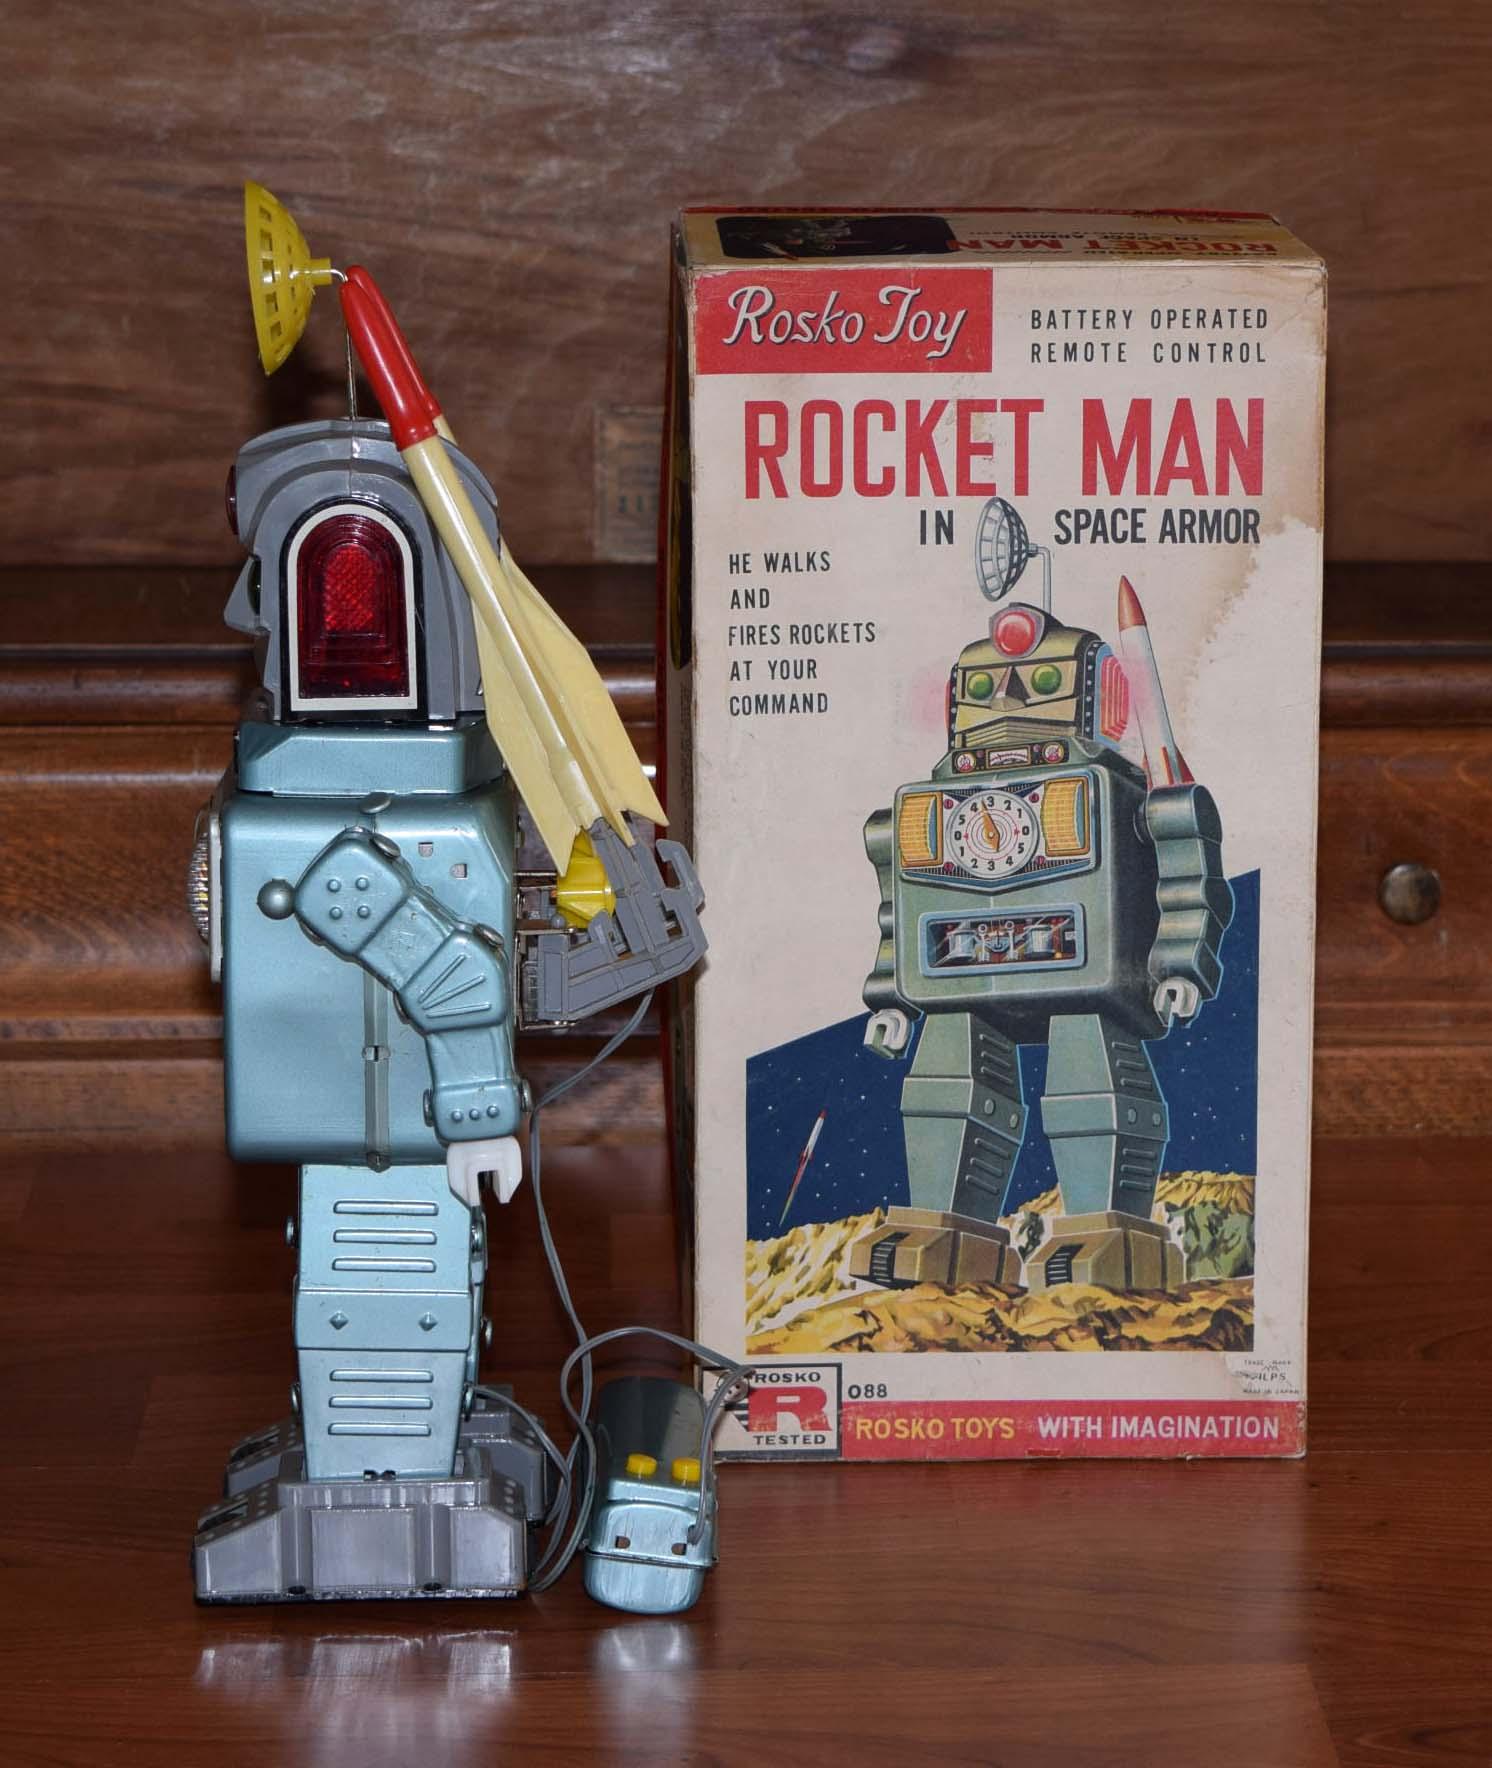 alps rocket man robot for sale